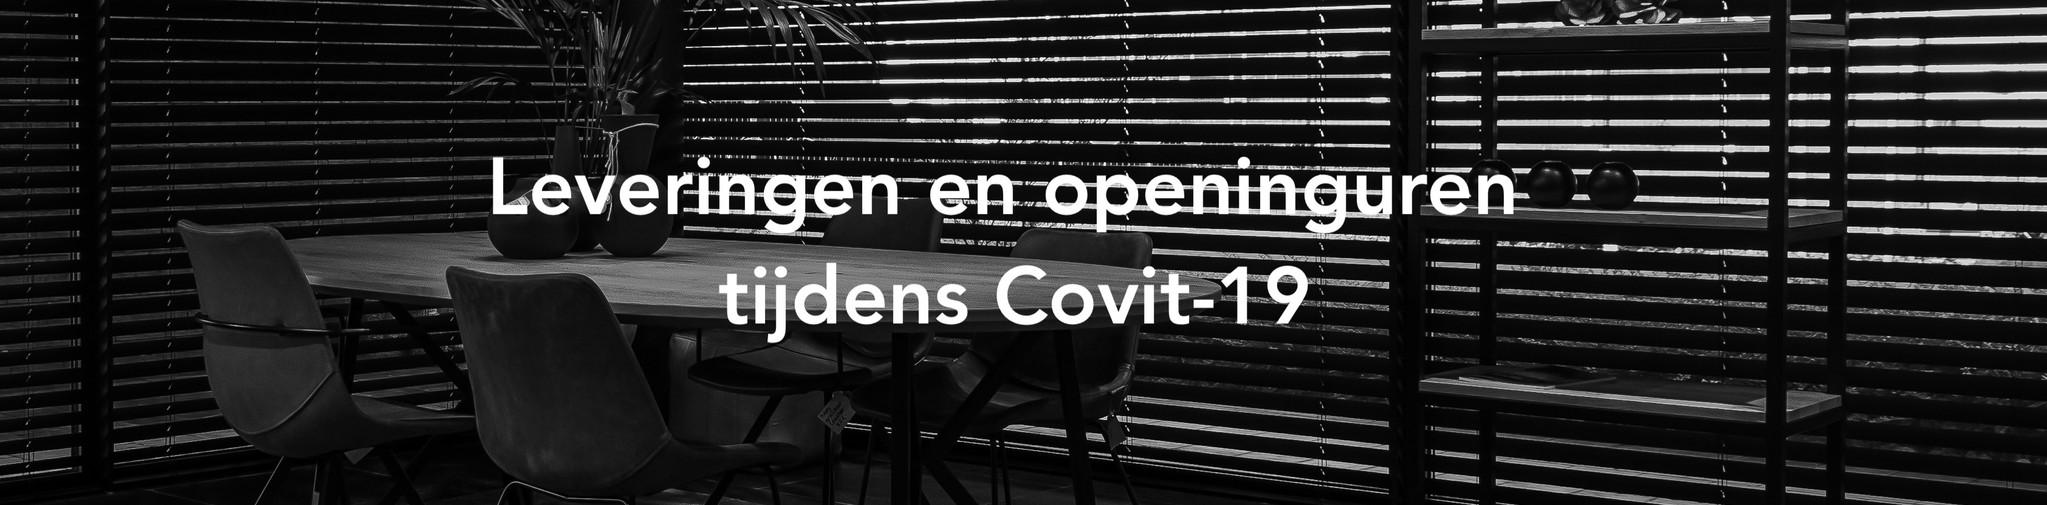 Leveringen en openingsuren tijdens Covid-19